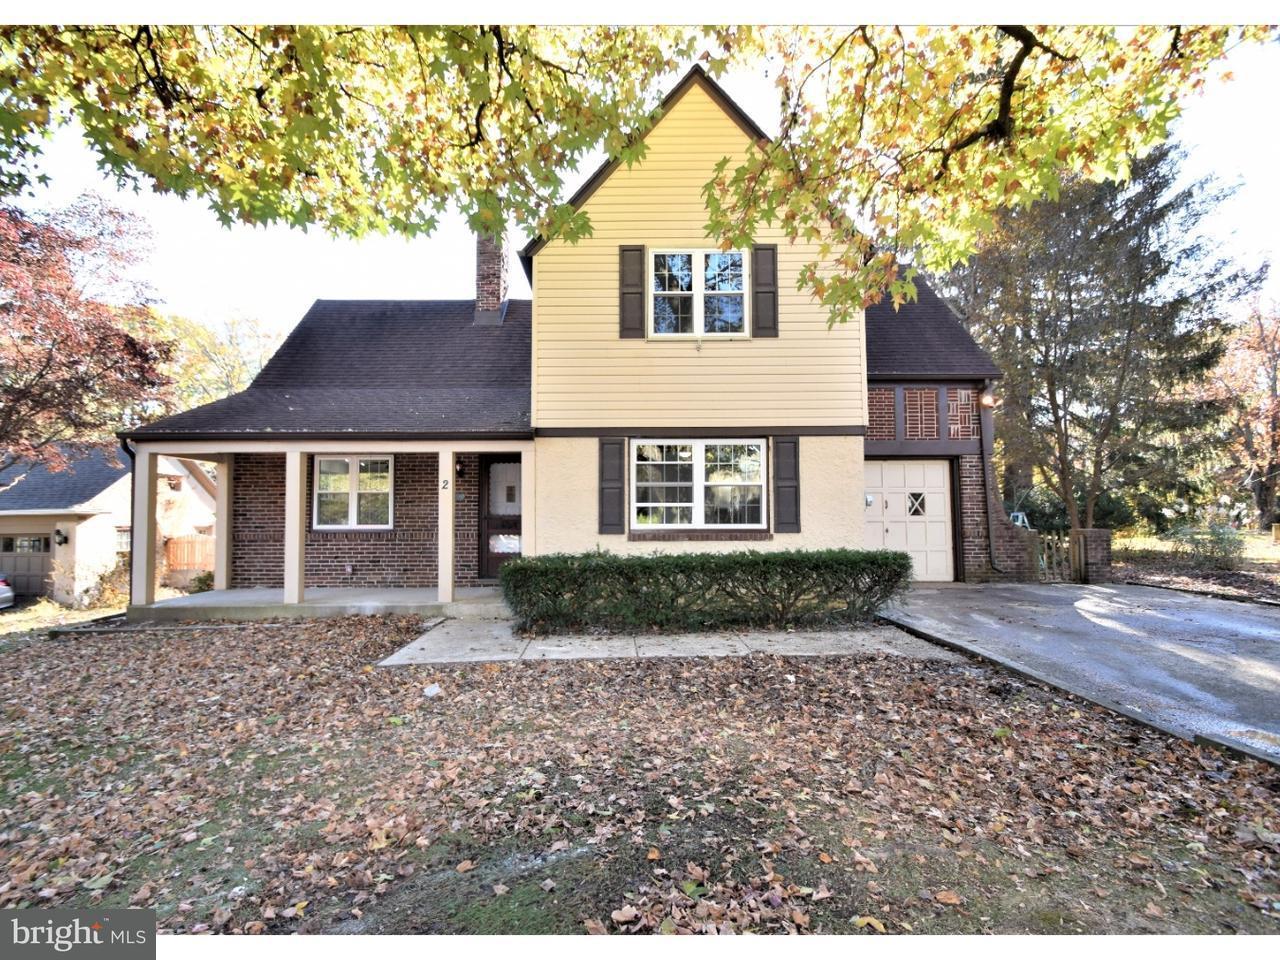 Частный односемейный дом для того Продажа на 2 ROSELAWN Avenue Lansdowne, Пенсильвания 19050 Соединенные Штаты